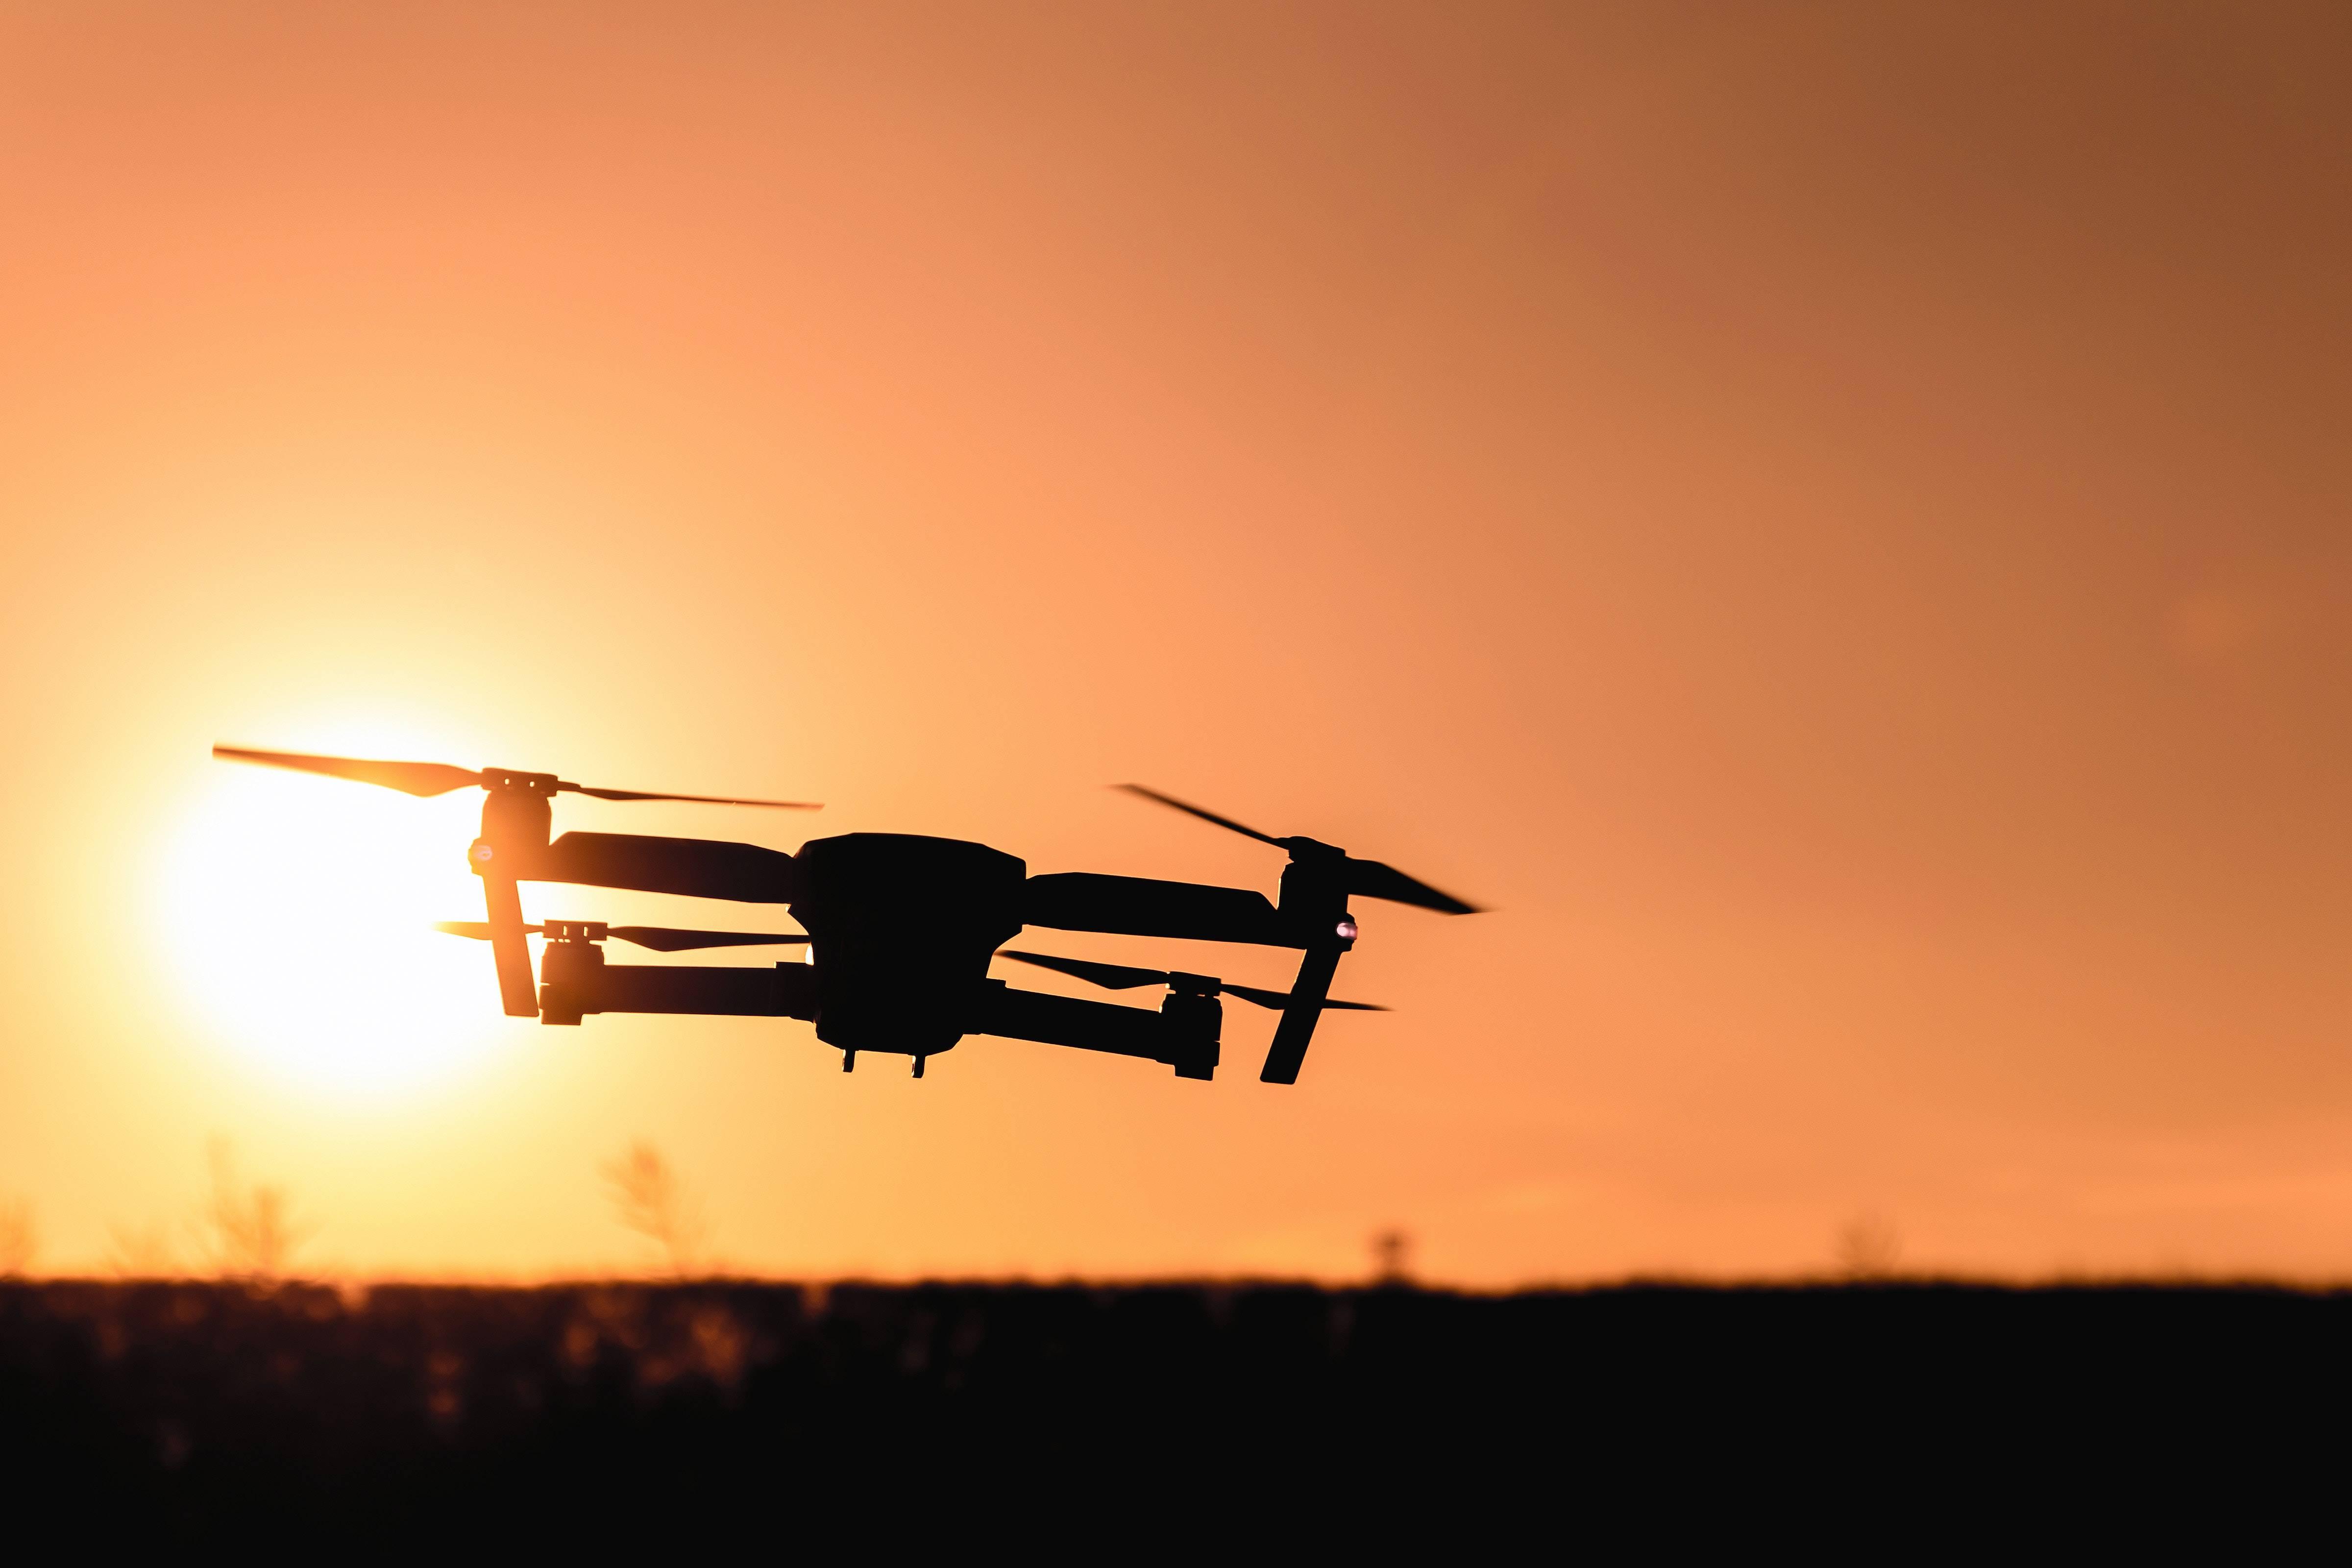 Una especie de monos africanos creó un sonido especial para alertar sobre la presencia de drones cercanos